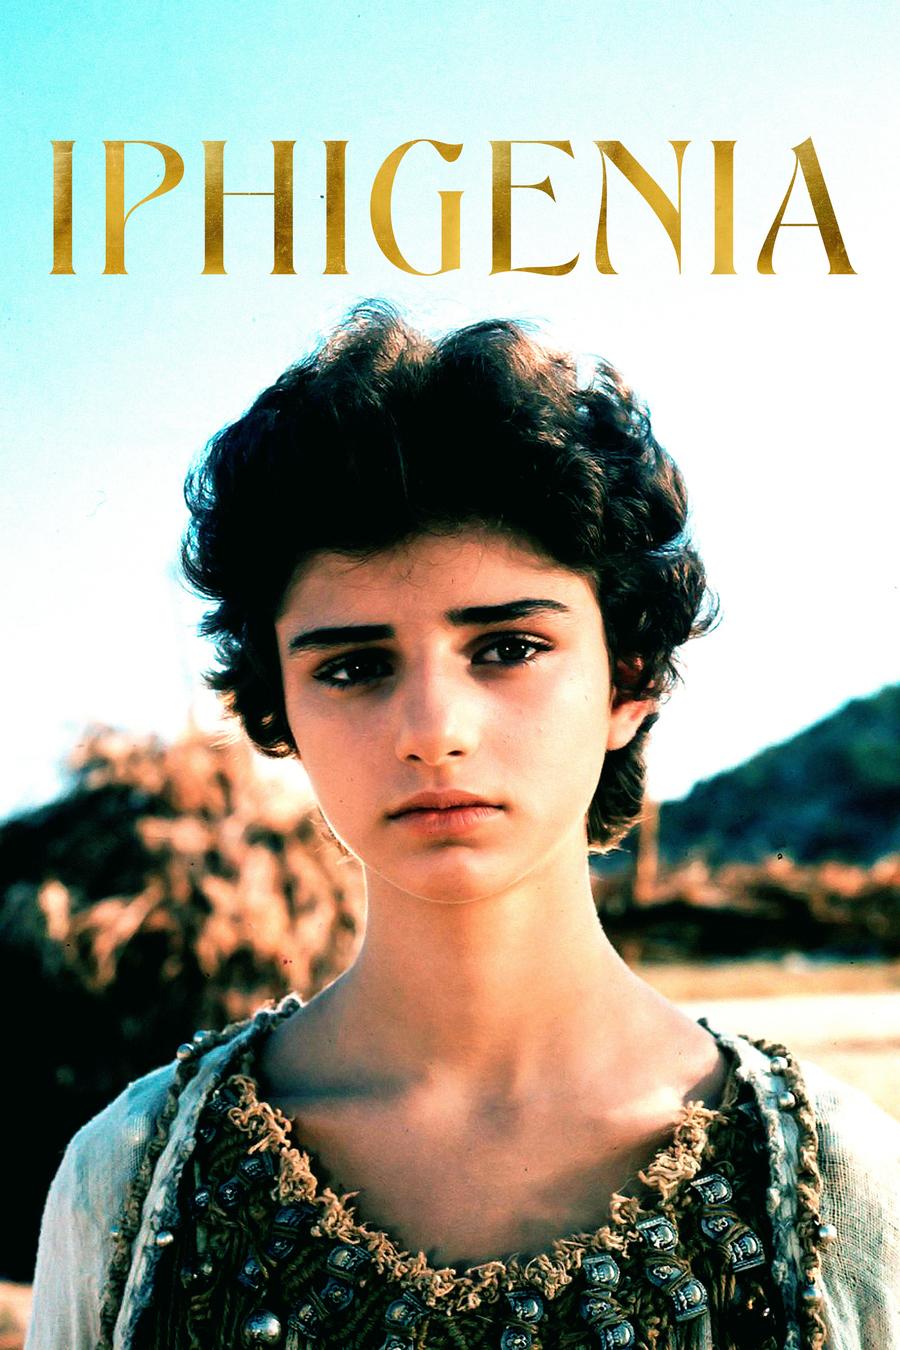 Iphigenia (Ifigenia)